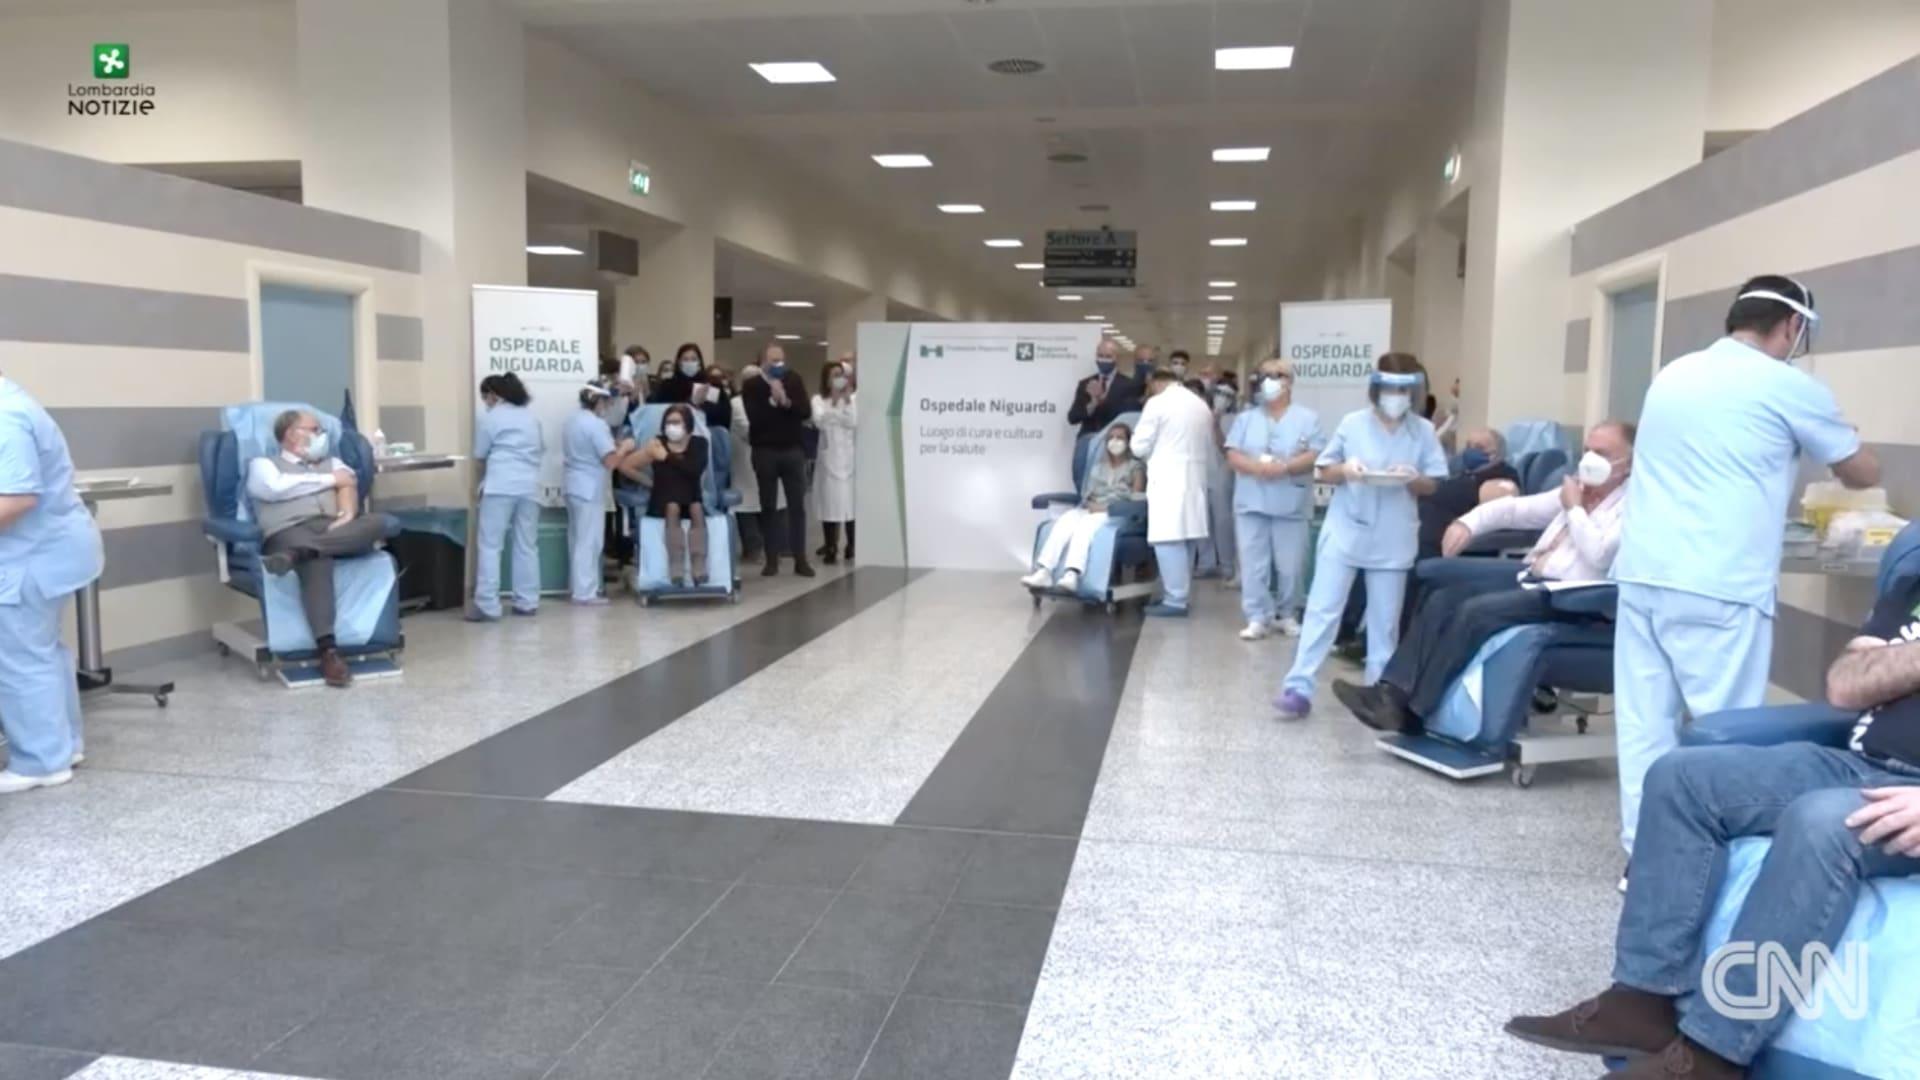 إغلاق جديد في إيطاليا مع ازدياد حالات الإصابة بفيروس كورونا